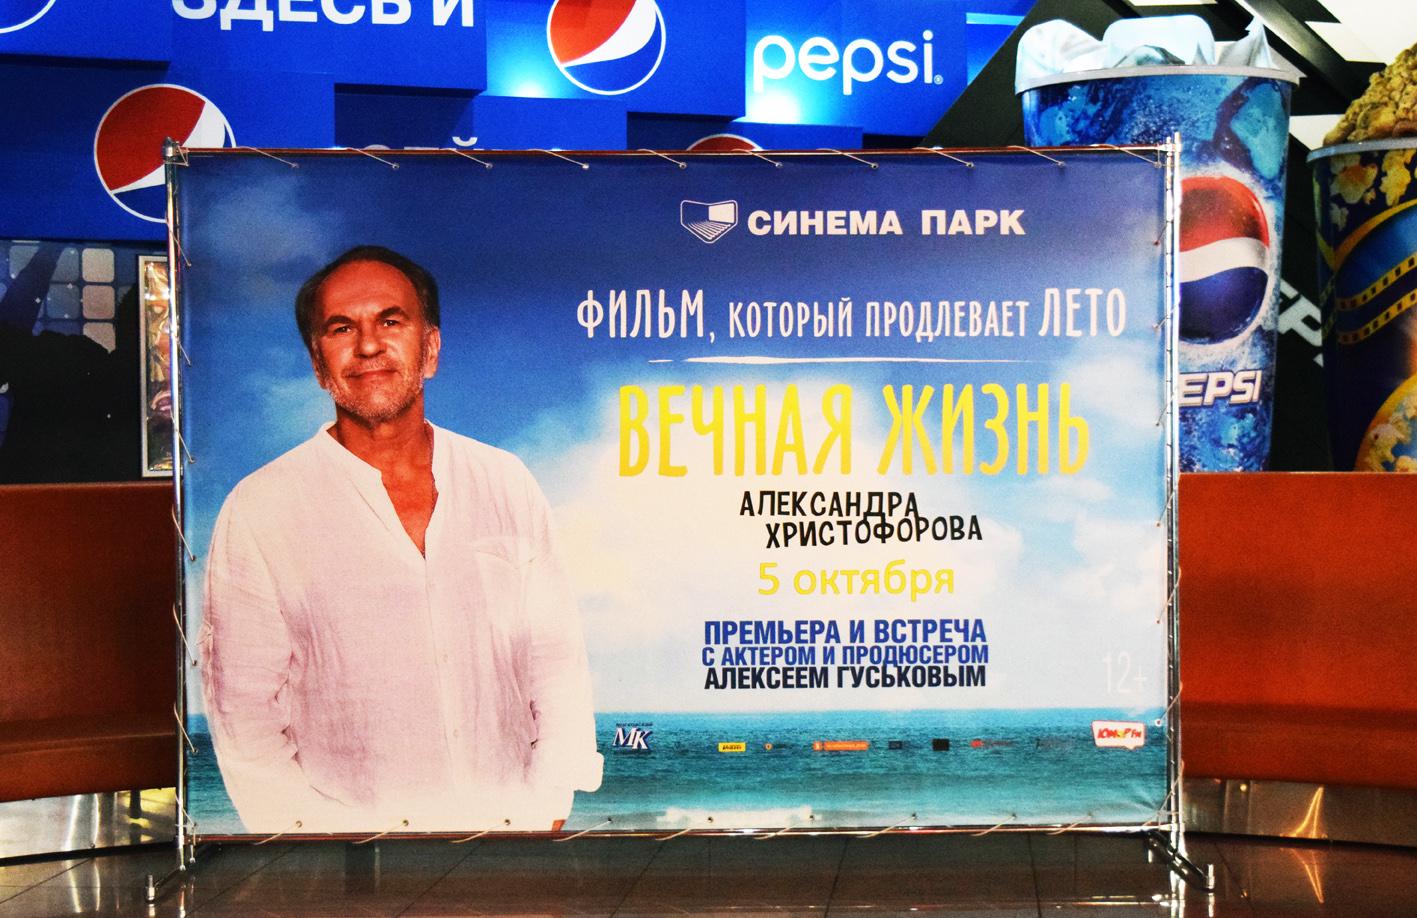 Алексей Гуськов: «Наше кино – это комедия о смысле жизни и любви»